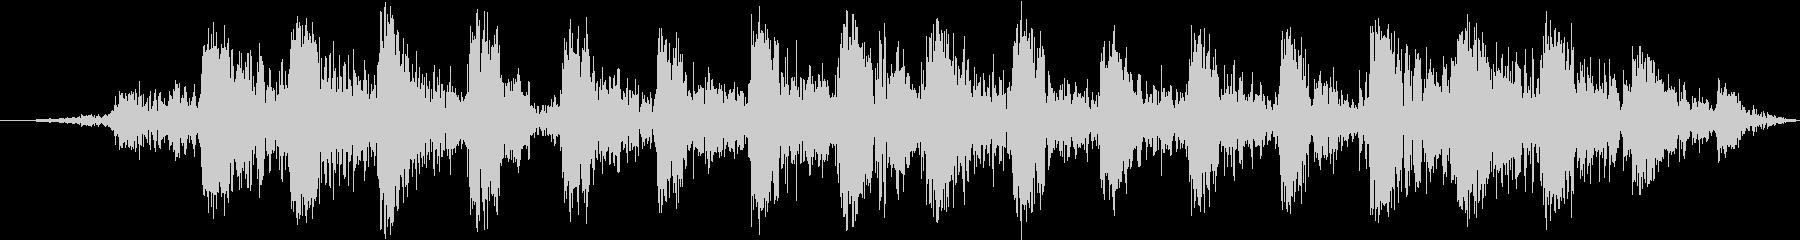 超音波ソノグラフ:コンスタント、病...の未再生の波形